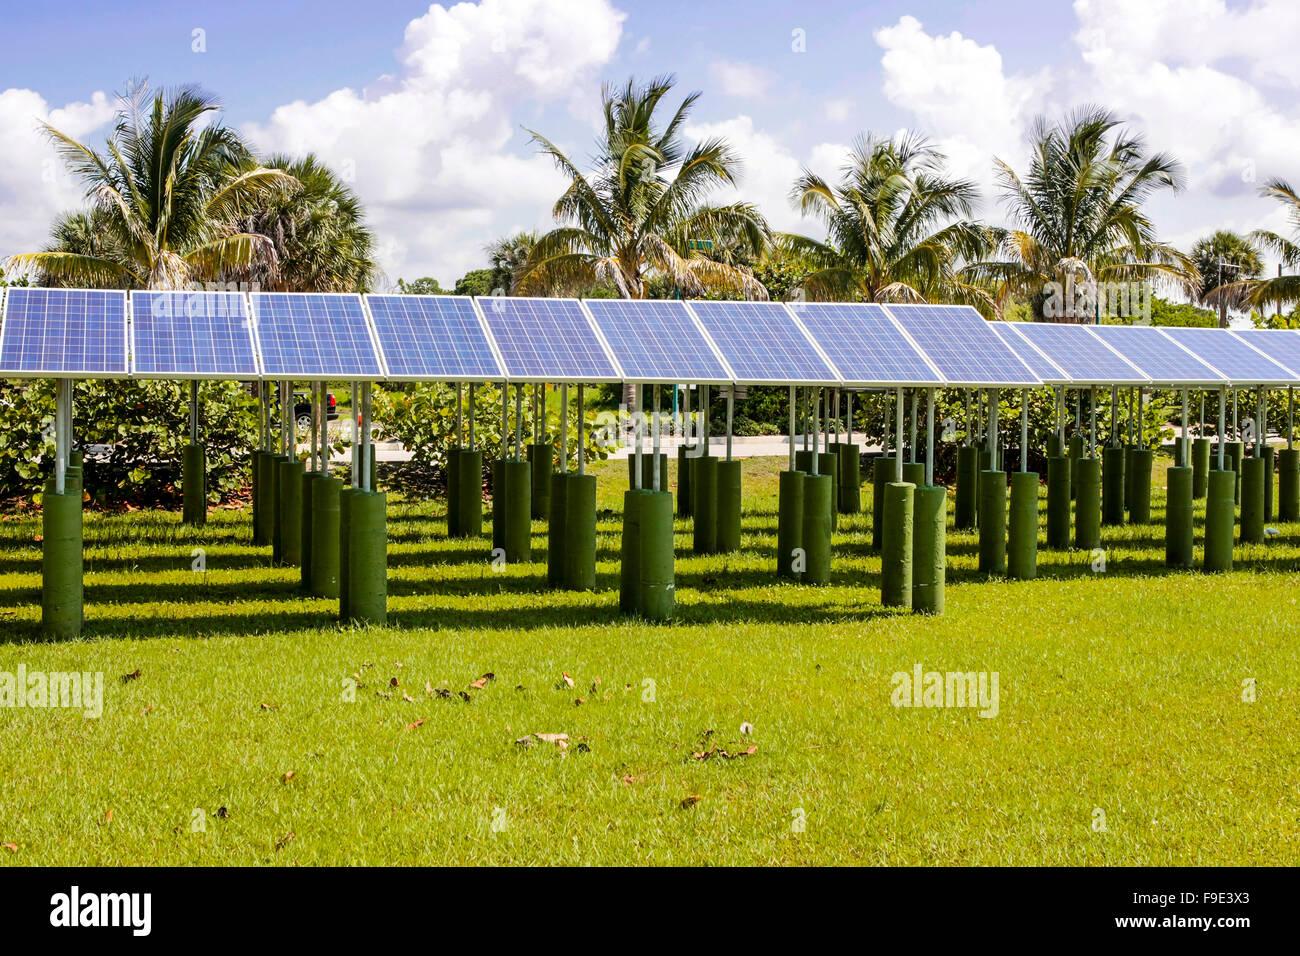 Des rangées de panneaux solaires pointant vers le haut pour le ciel ensoleillé sur Florida Photo Stock